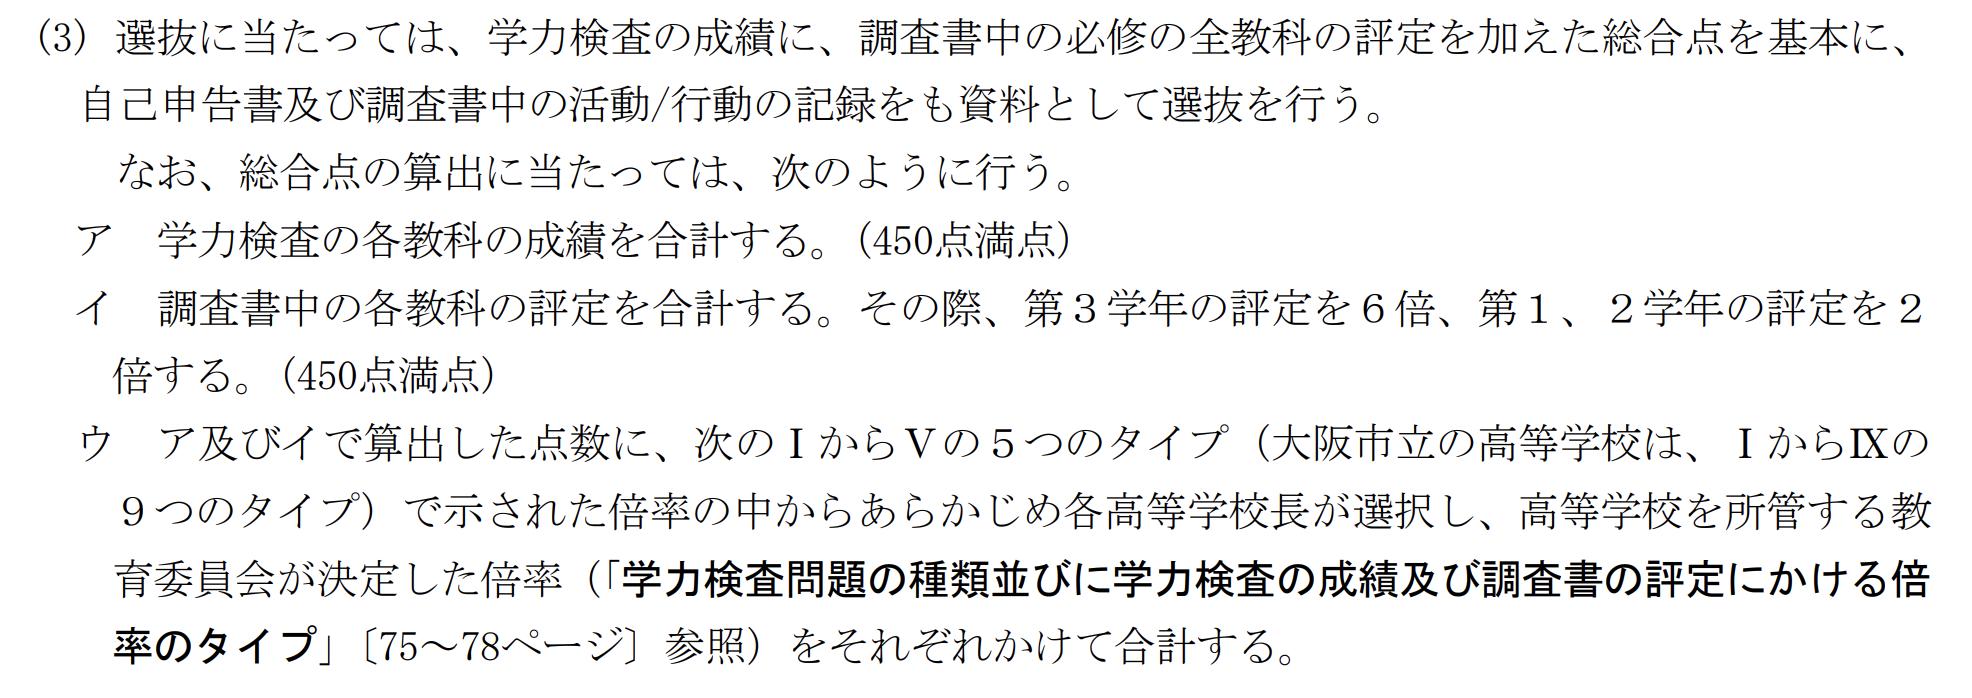 大阪府公立高校入試制度1